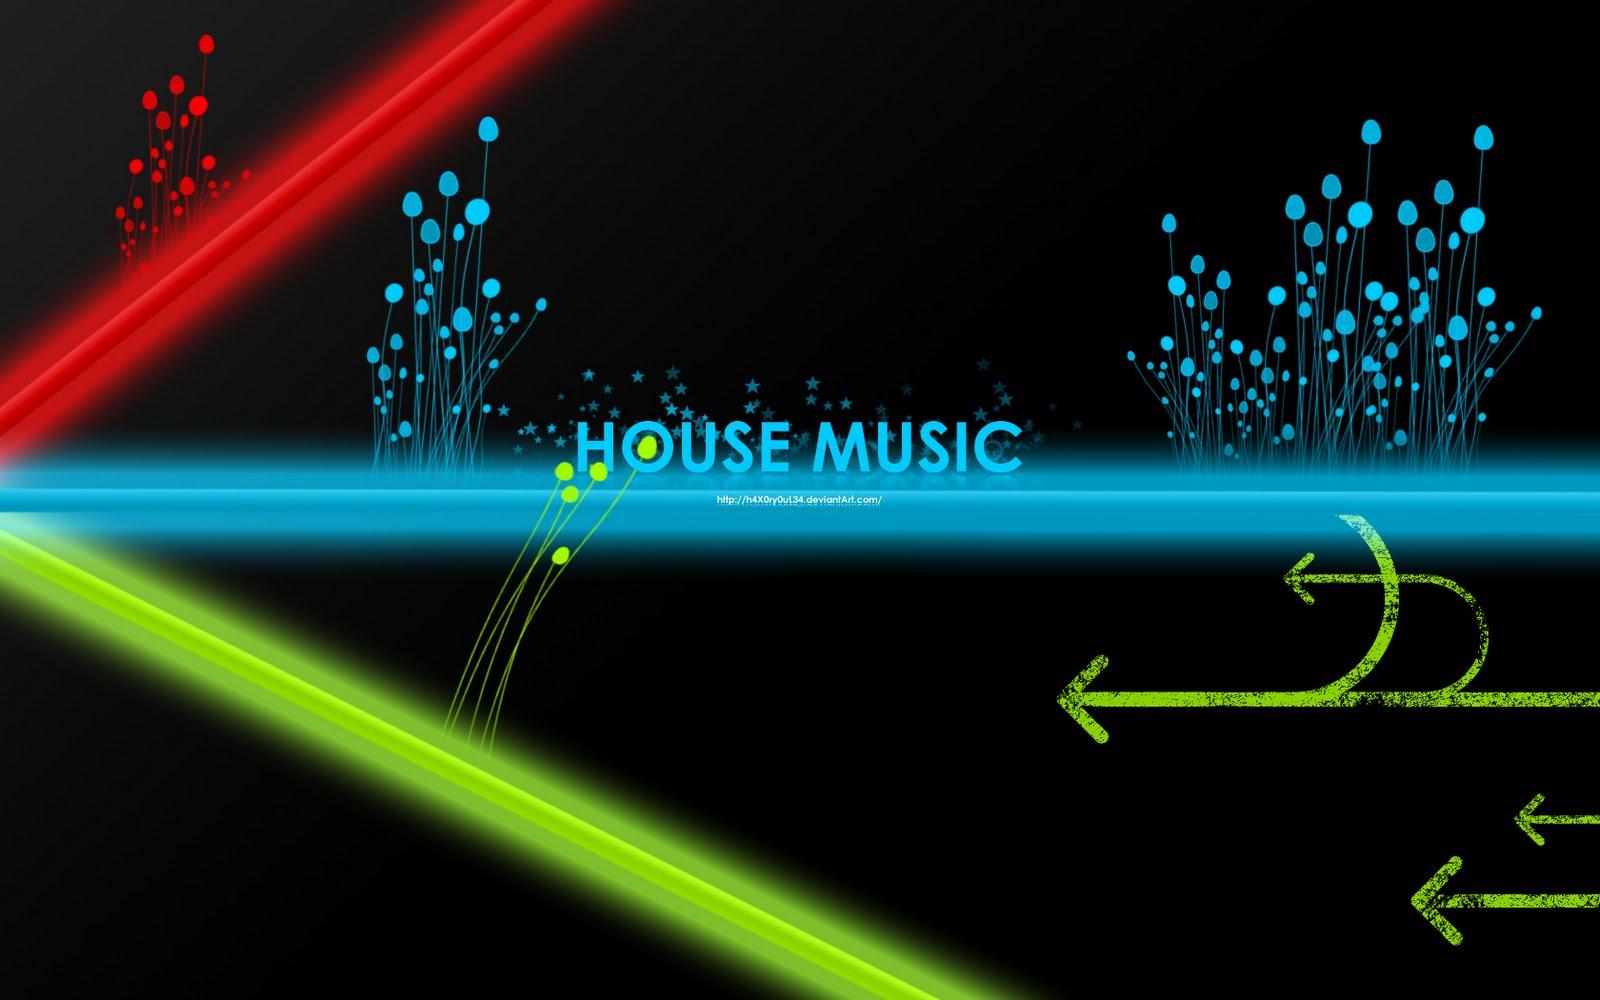 http://3.bp.blogspot.com/-6UvXgsl4r7I/T35u2SCpSTI/AAAAAAAAA2U/-sq9Y__VXmw/s1600/House_Music_Wallpaper_by_h4X0ry0uL34.jpg